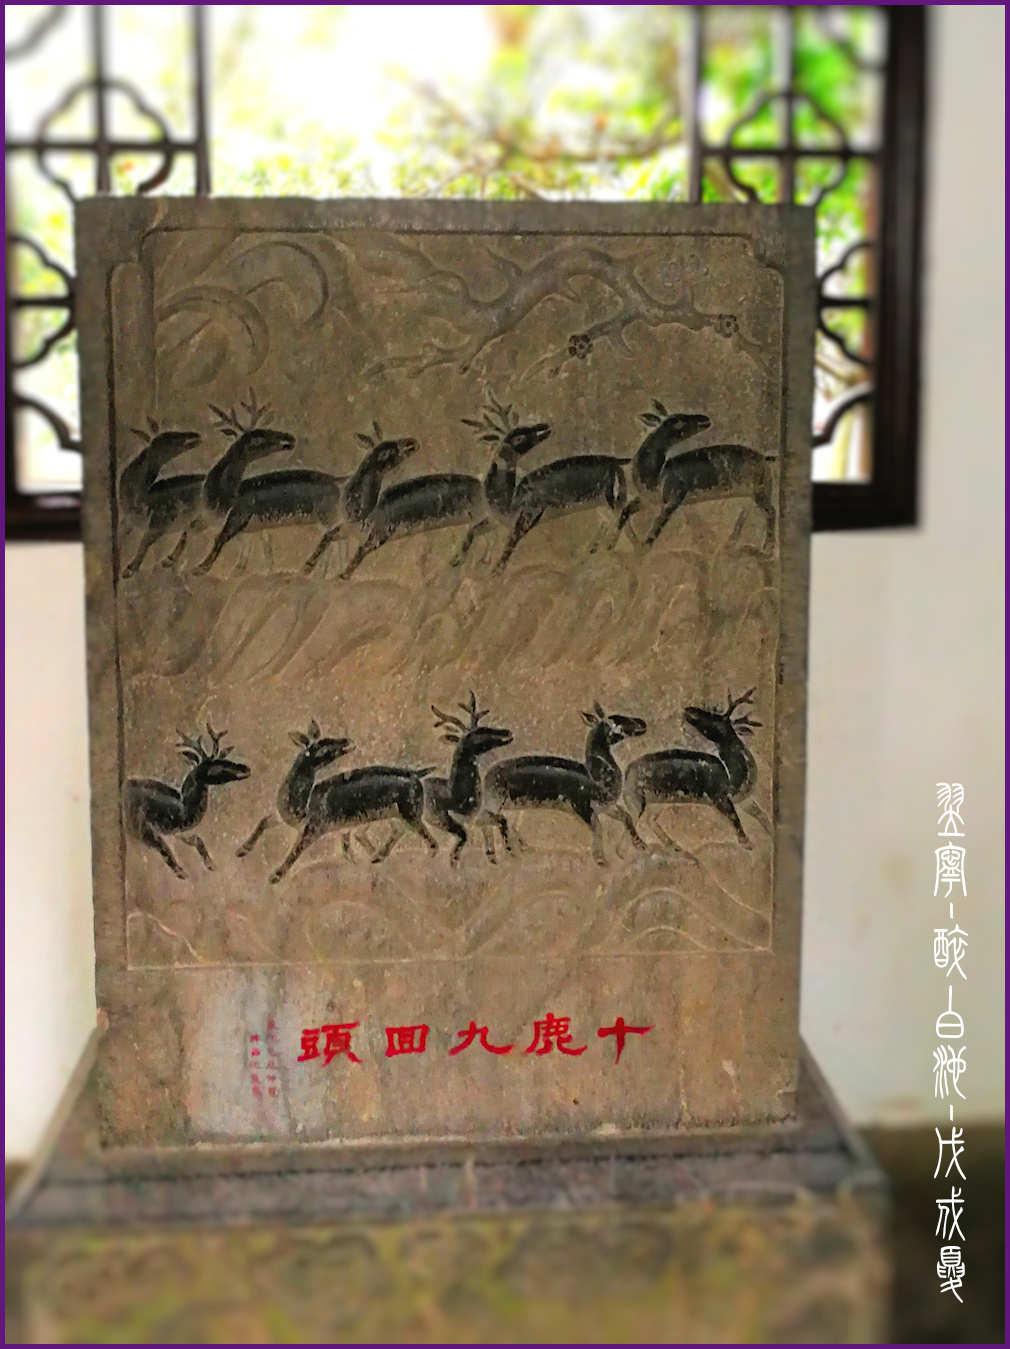 【翌宁】醉白池 · 上海松江 - 4xAce脉脉达 - 4xAce脉脉达